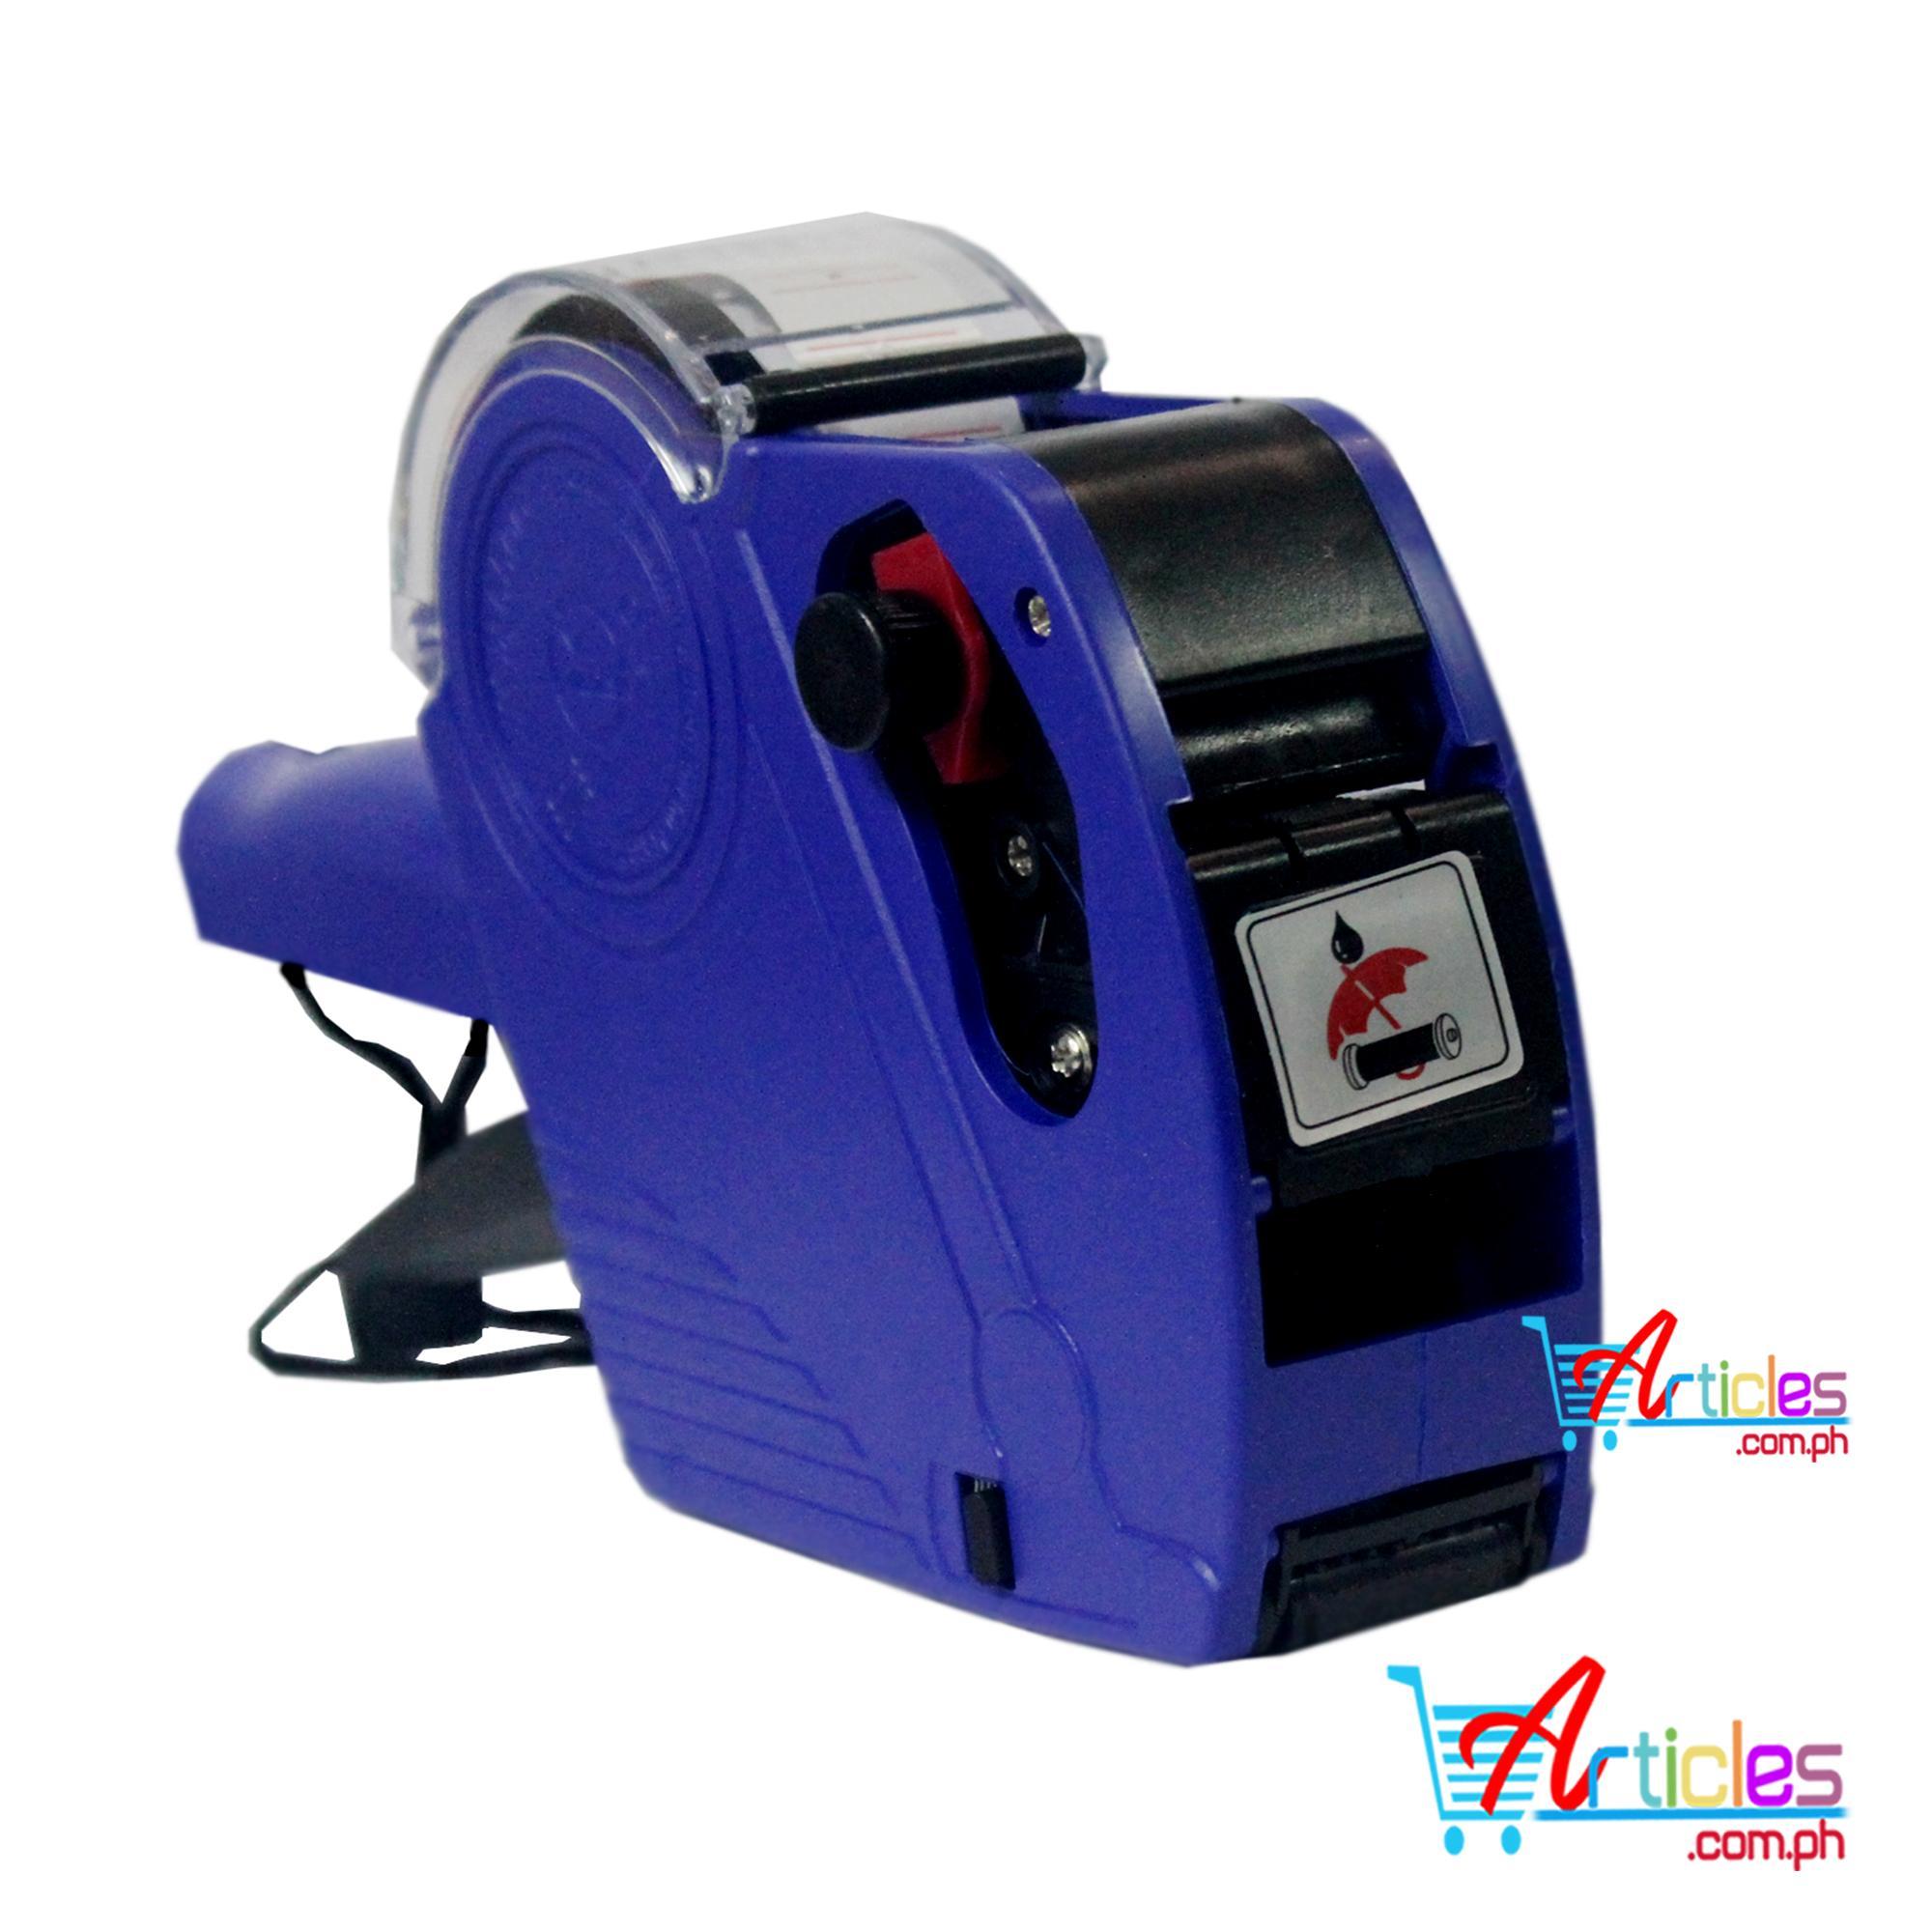 566f131f0b90 Smart MX5500 Price tag Labeller tagging gun price tagger